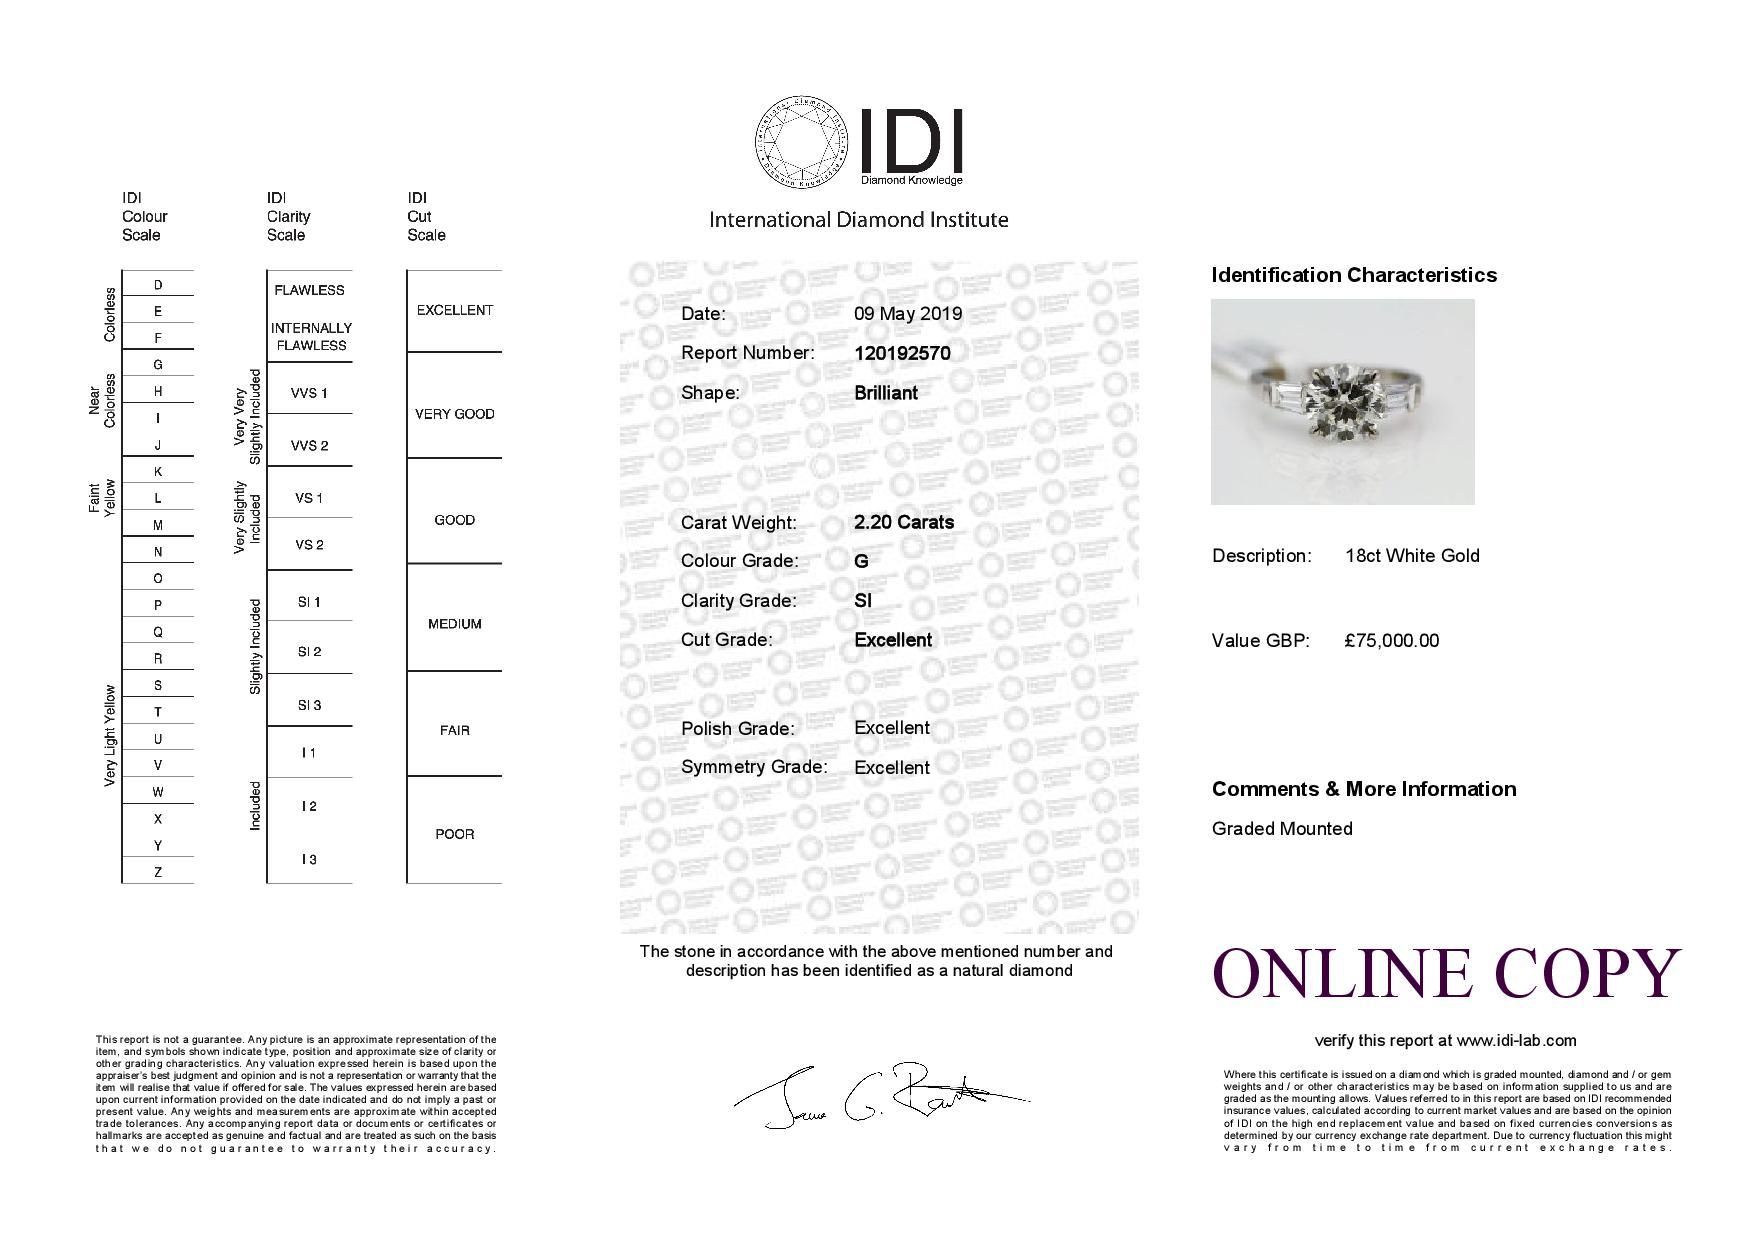 18k White Gold Single Stone Prong Set With Stone Set Shoulders Diamond Ring 2.85 - Image 3 of 3